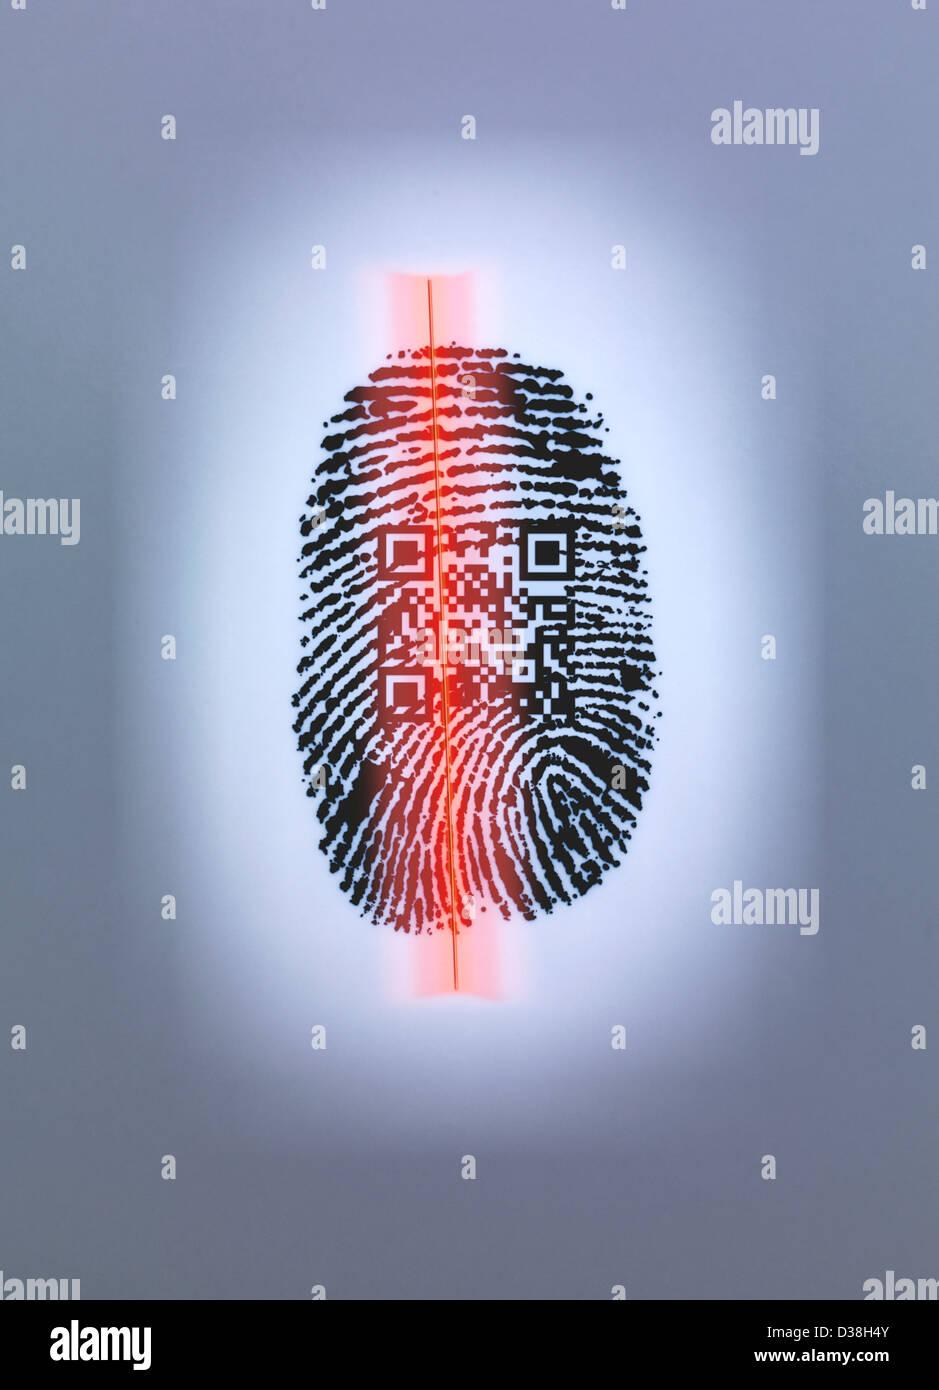 Las huellas dactilares y el código QR en el escáner Imagen De Stock